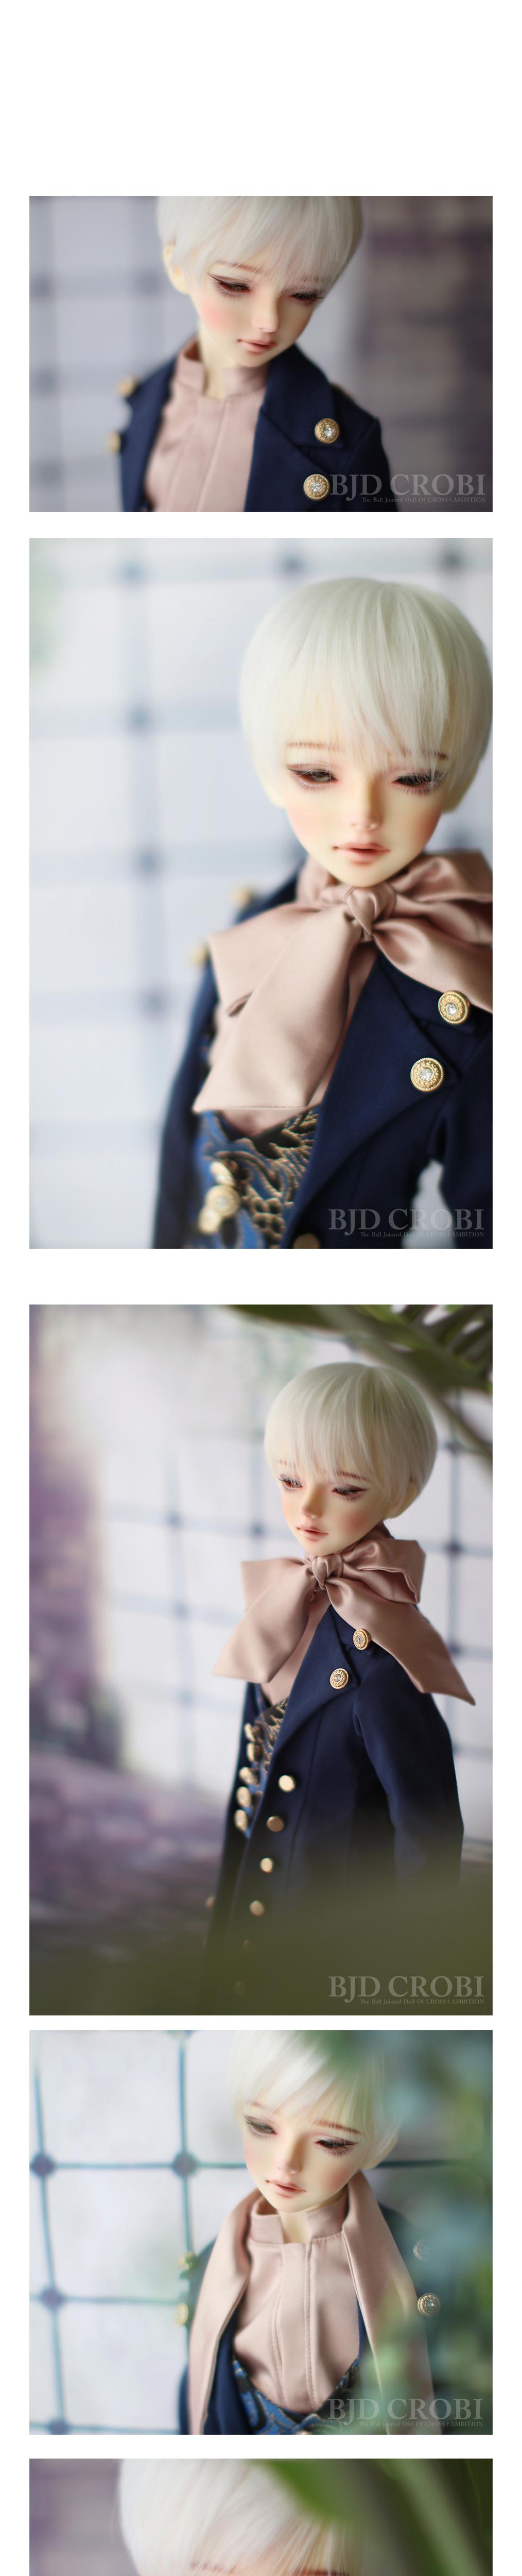 accessories detail image-S2L1